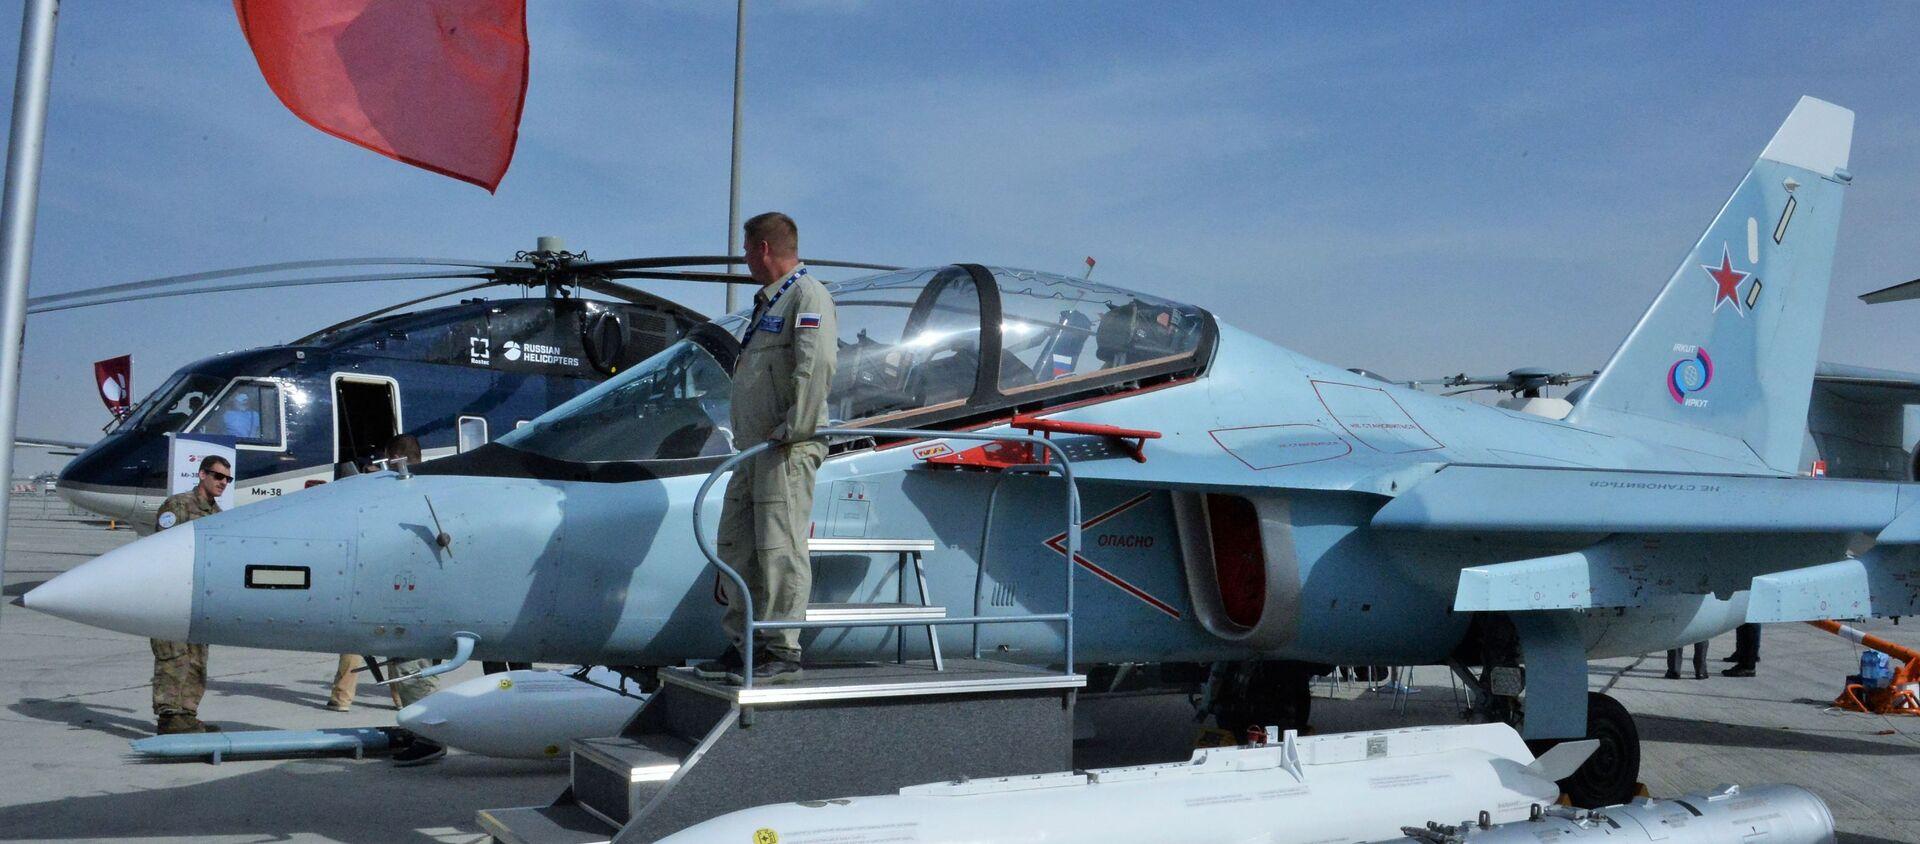 Máy bay huấn luyện chiến đấu Yak-130 tại triển lãm hàng không quốc tế Dubai Airshow 2019, Dubai - Sputnik Việt Nam, 1920, 29.01.2020